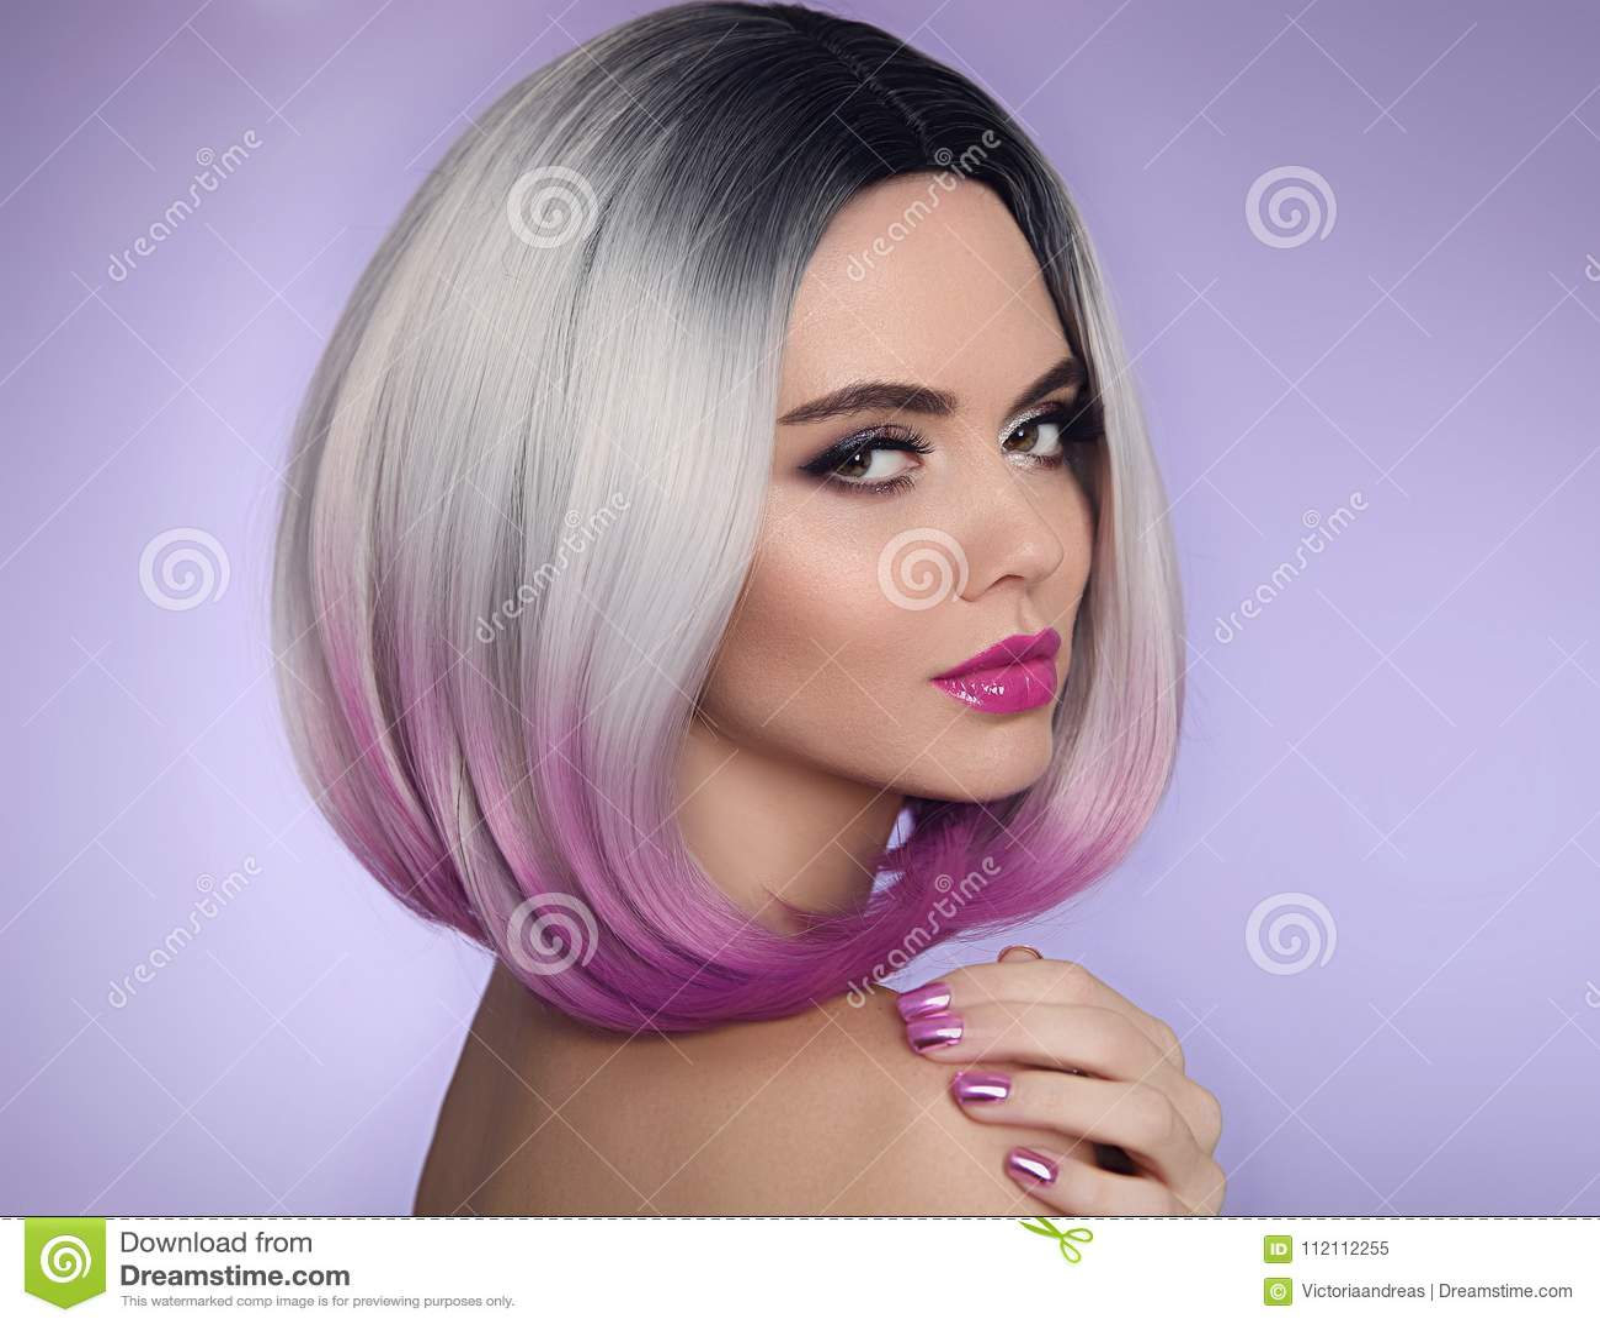 Ombre突然移动短小发型 美丽的头发染色妇女 Manicu